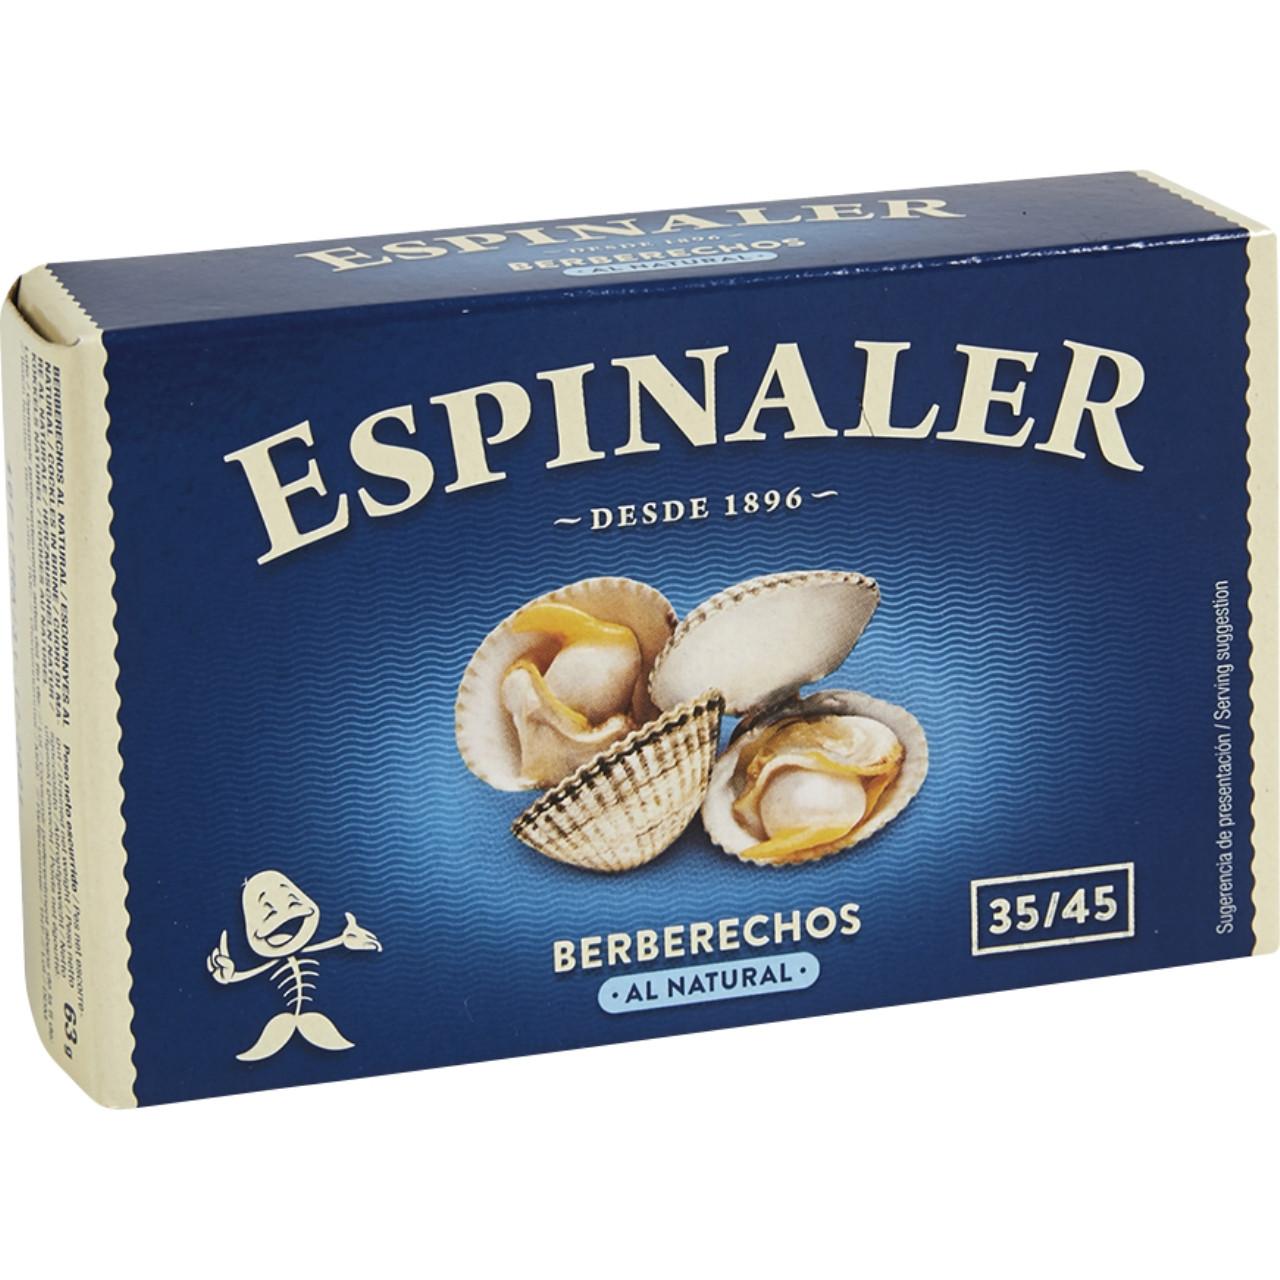 Espinaler-escopinyes ol120 35/45